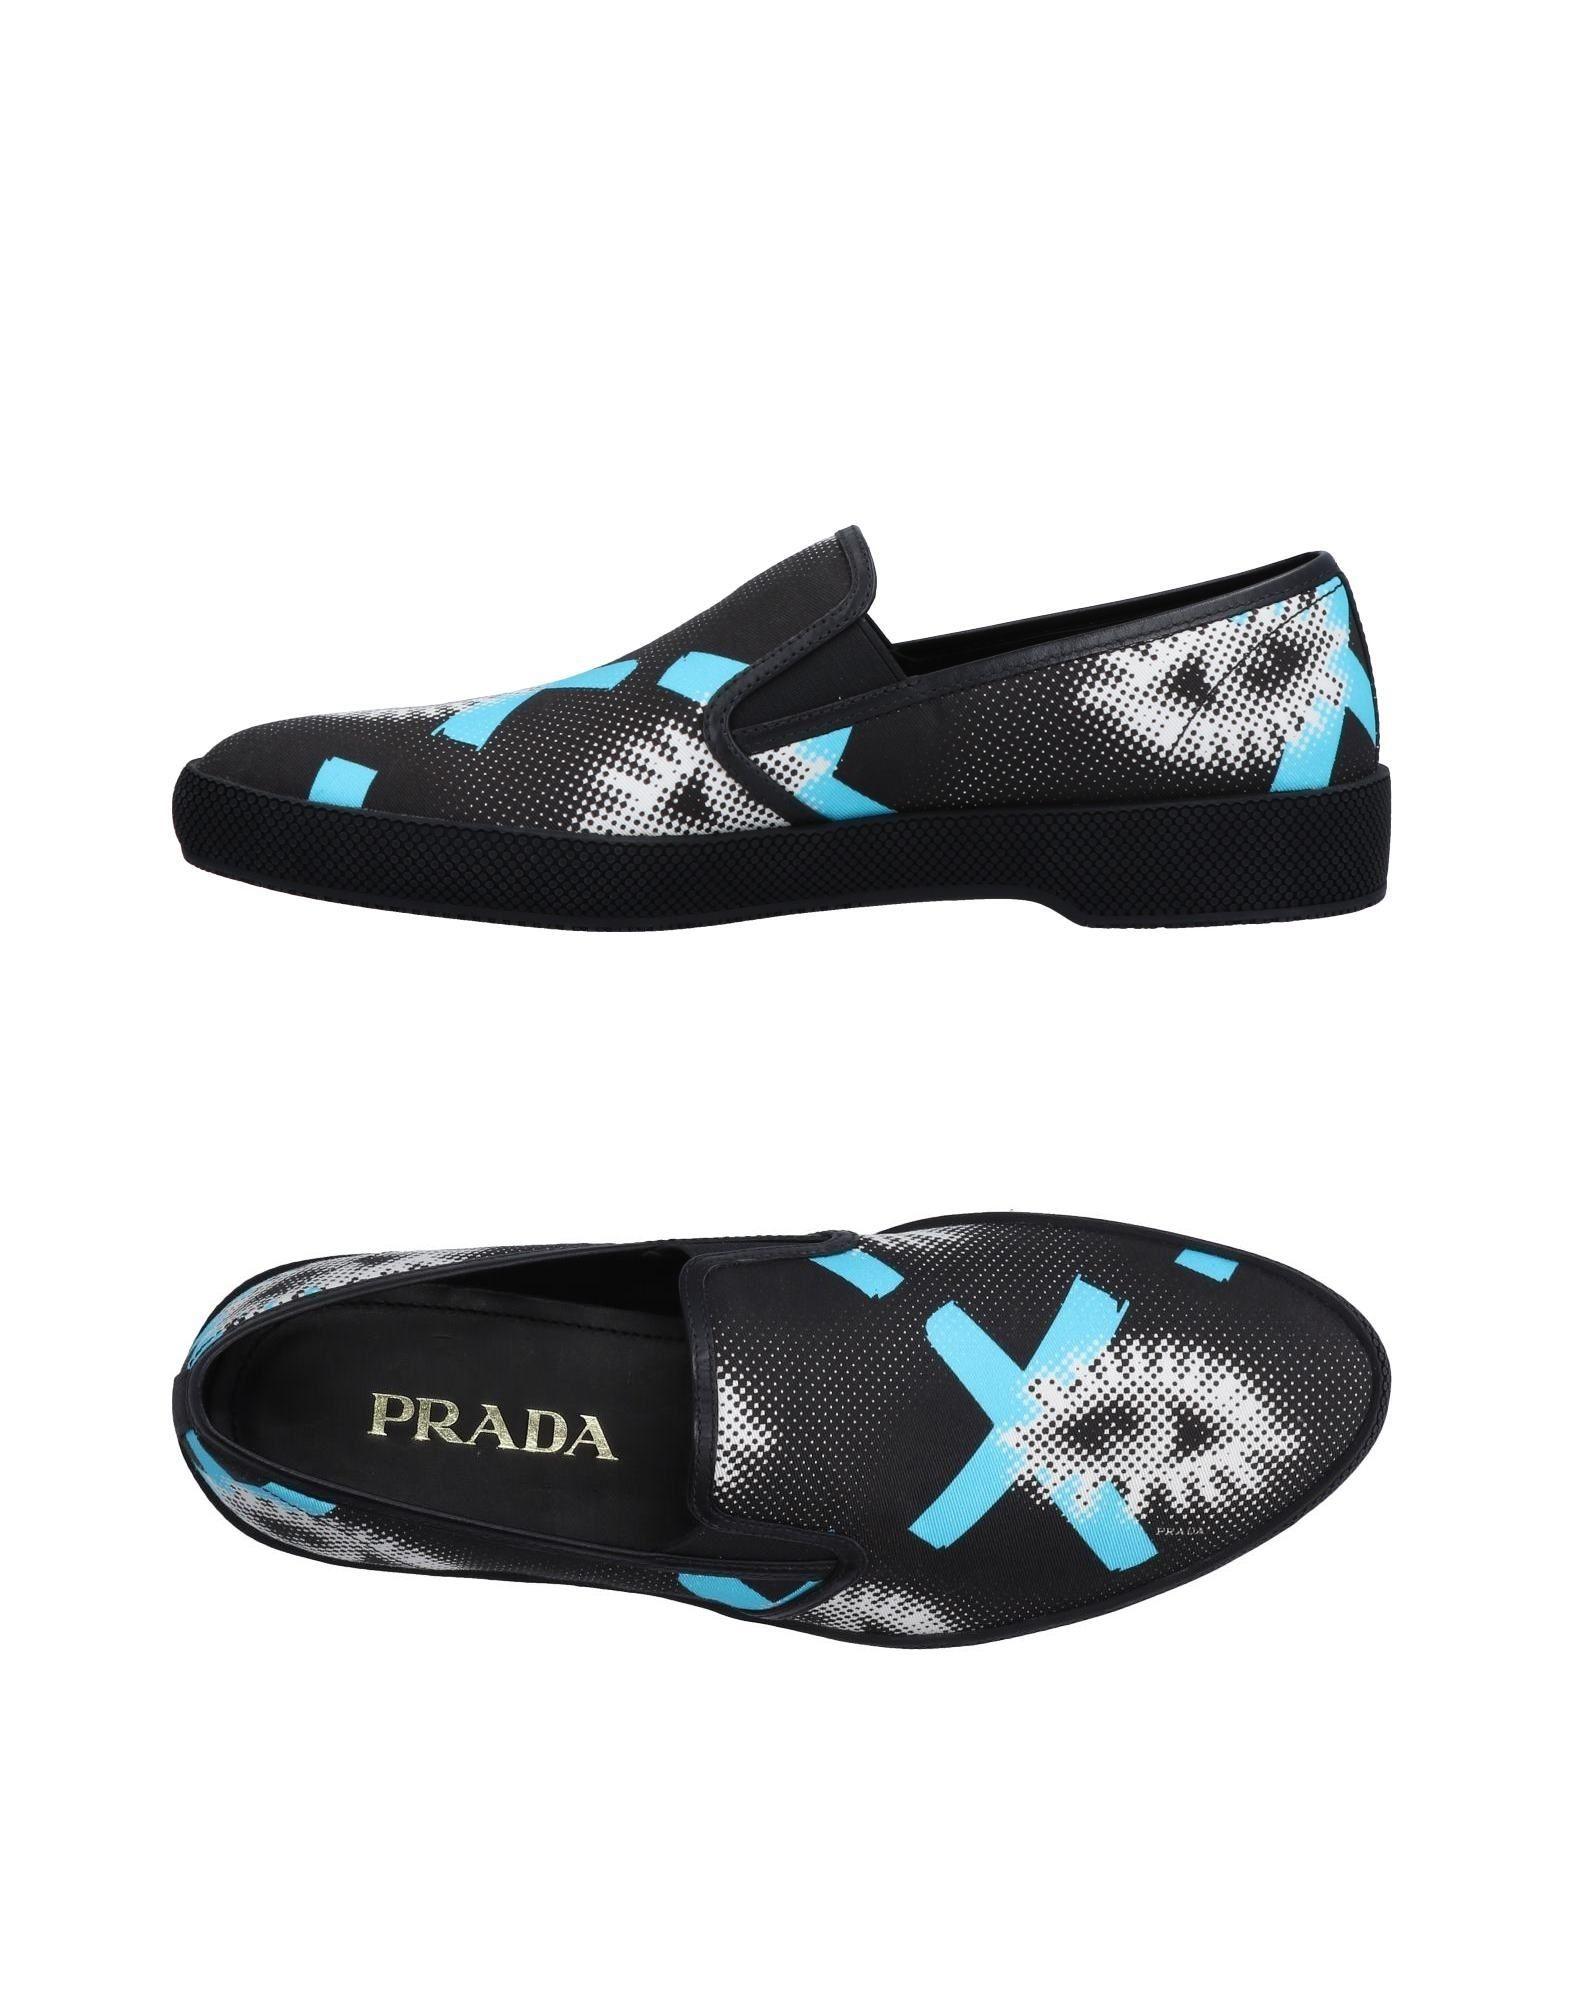 Descuento de la marca  Zapatillas Prada - Hombre - Prada Zapatillas Prada 3c598e